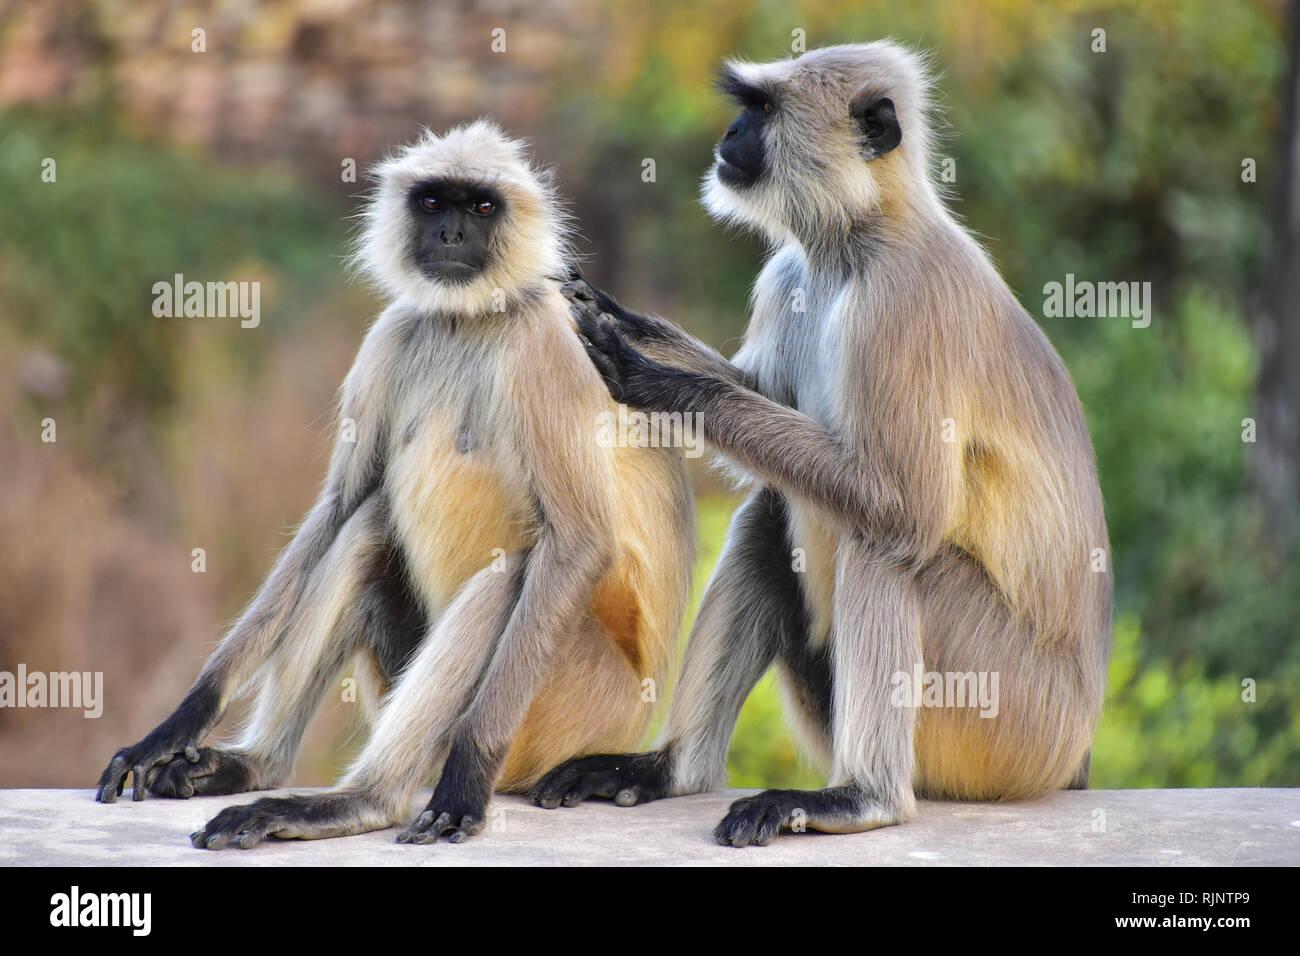 Gray Langur Monkeys, Bundi, Rajasthan, India - Stock Image